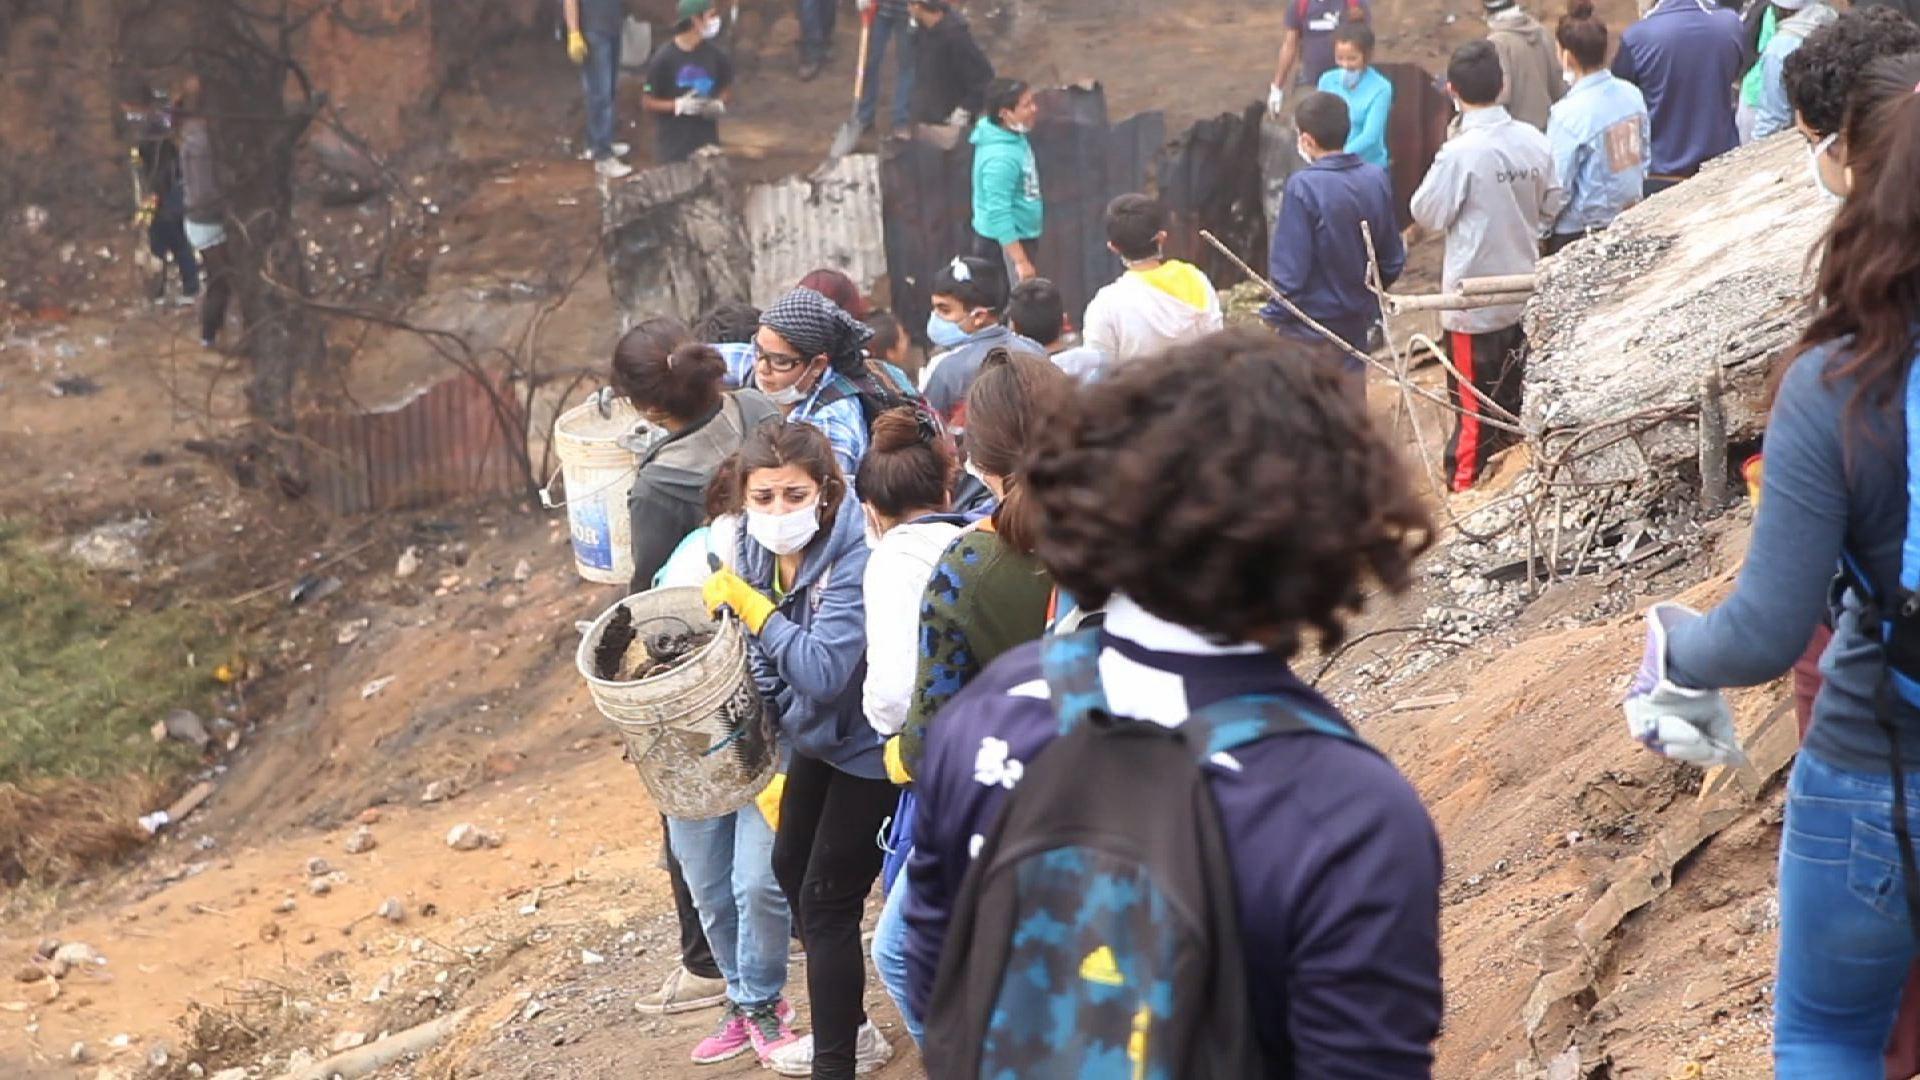 Incendio en Valparaíso: Reporte desde el Cerro Ramaditas, © Cristian Pino